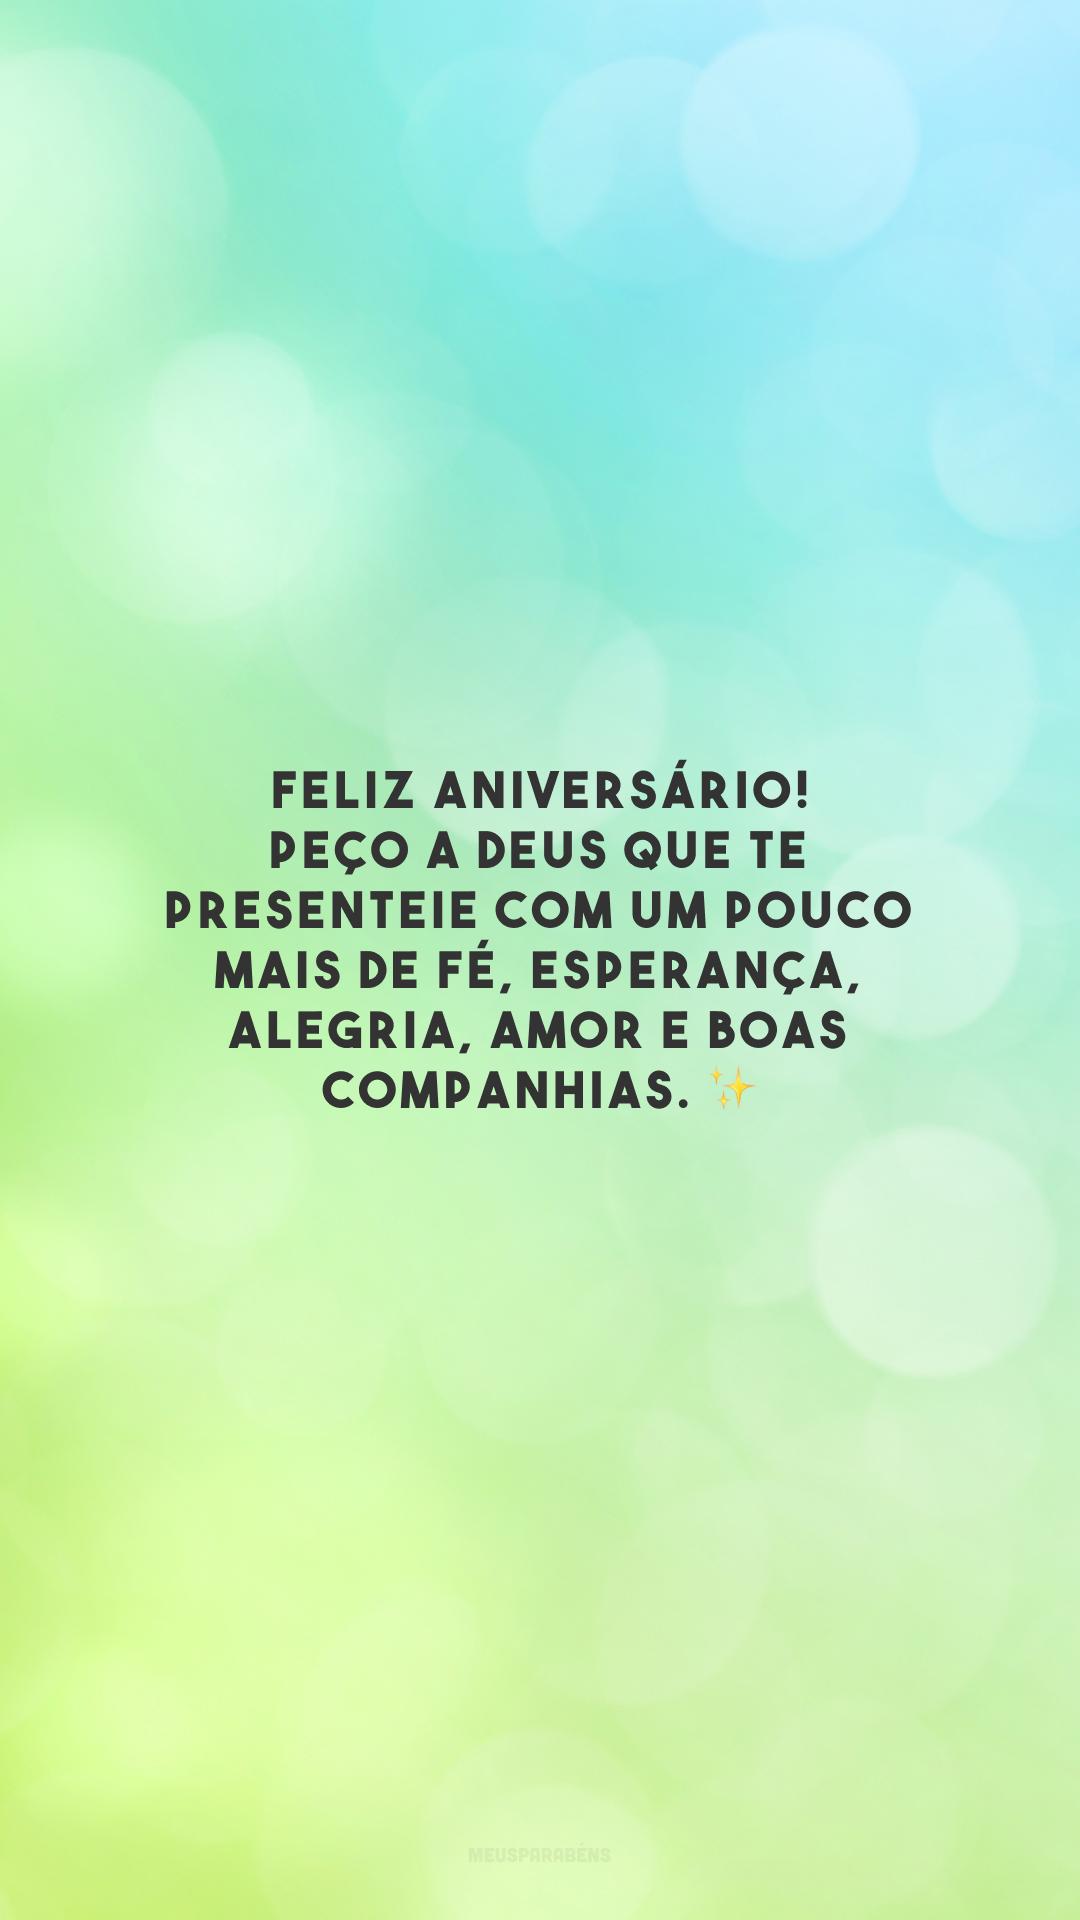 Feliz aniversário! Peço a Deus que te presenteie com um pouco mais de fé, esperança, alegria, amor e boas companhias.